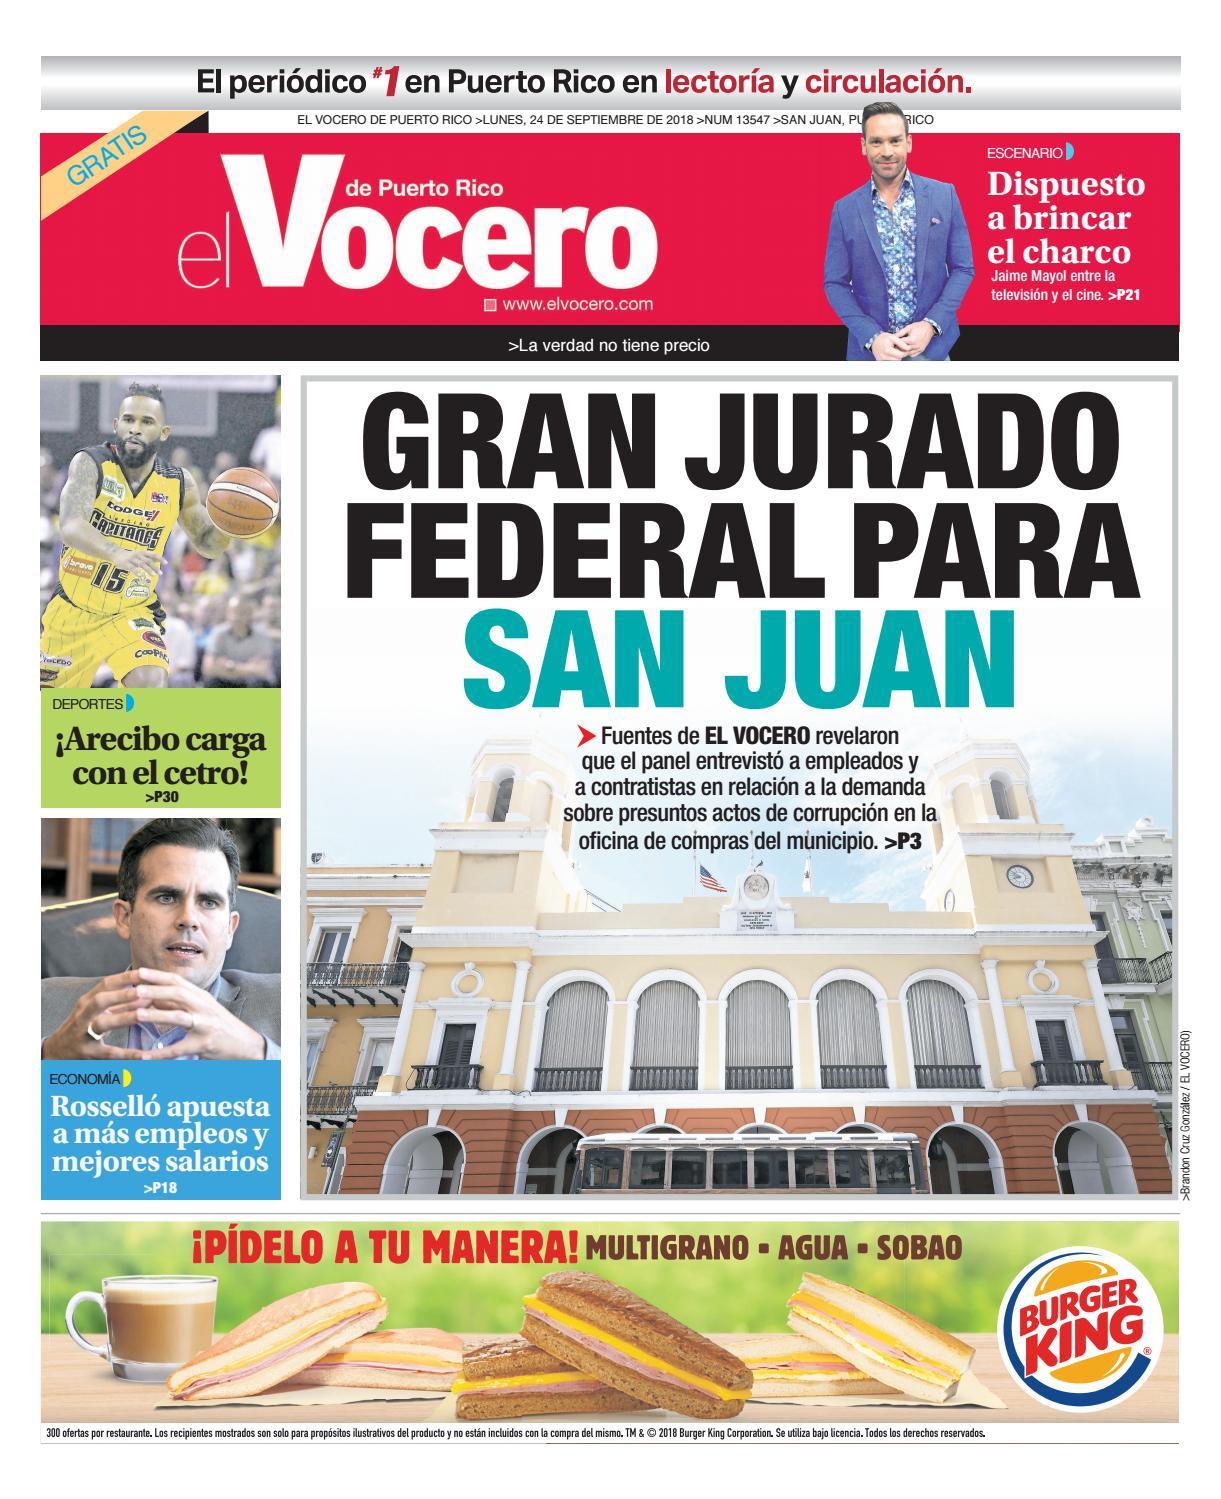 ee7746b2a7 Edición del 24 de septiembre de 2018 by El Vocero de Puerto Rico - issuu